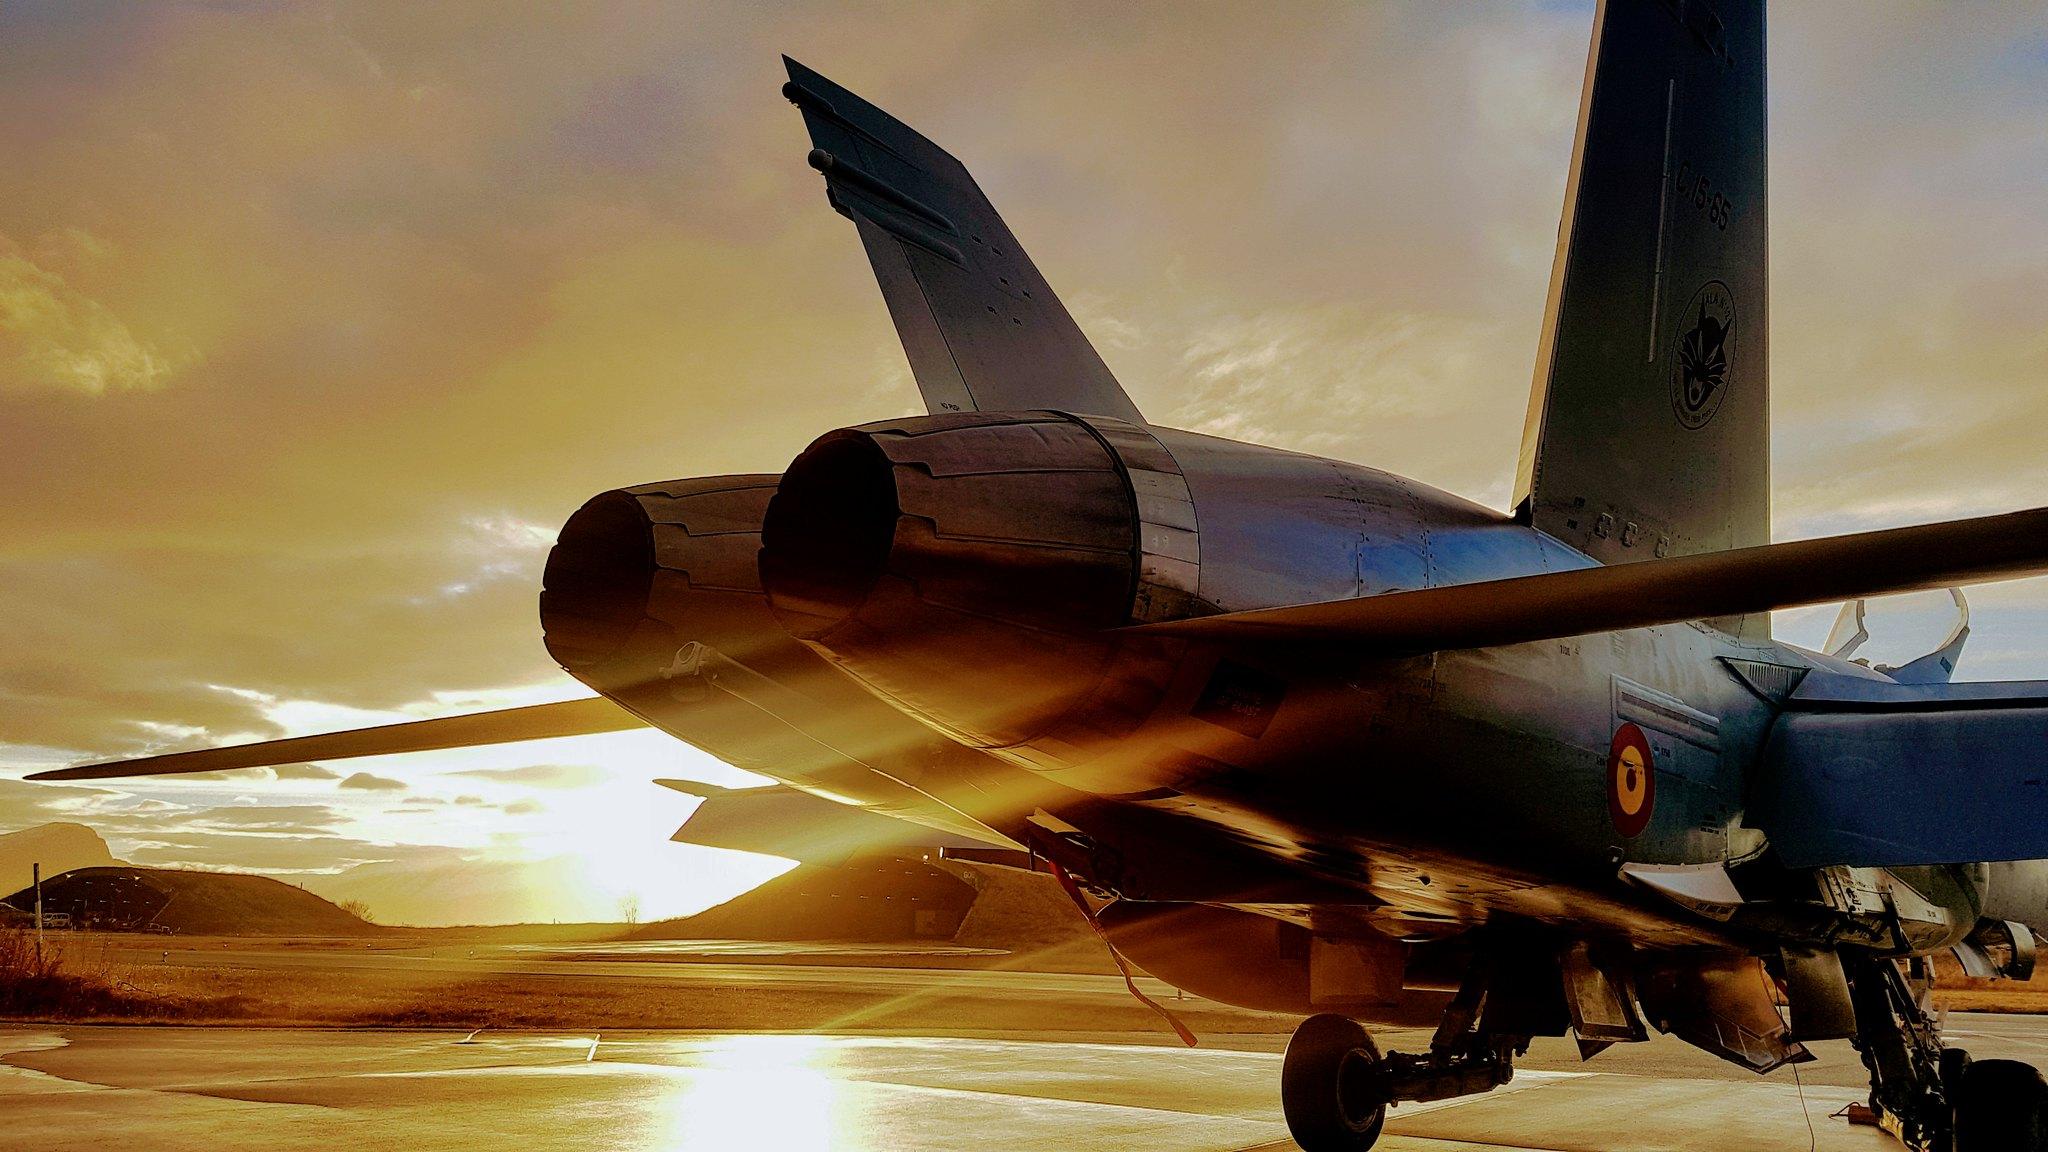 Un F-18 contempla la puesta de sol en la base aérea noruega de Bodo